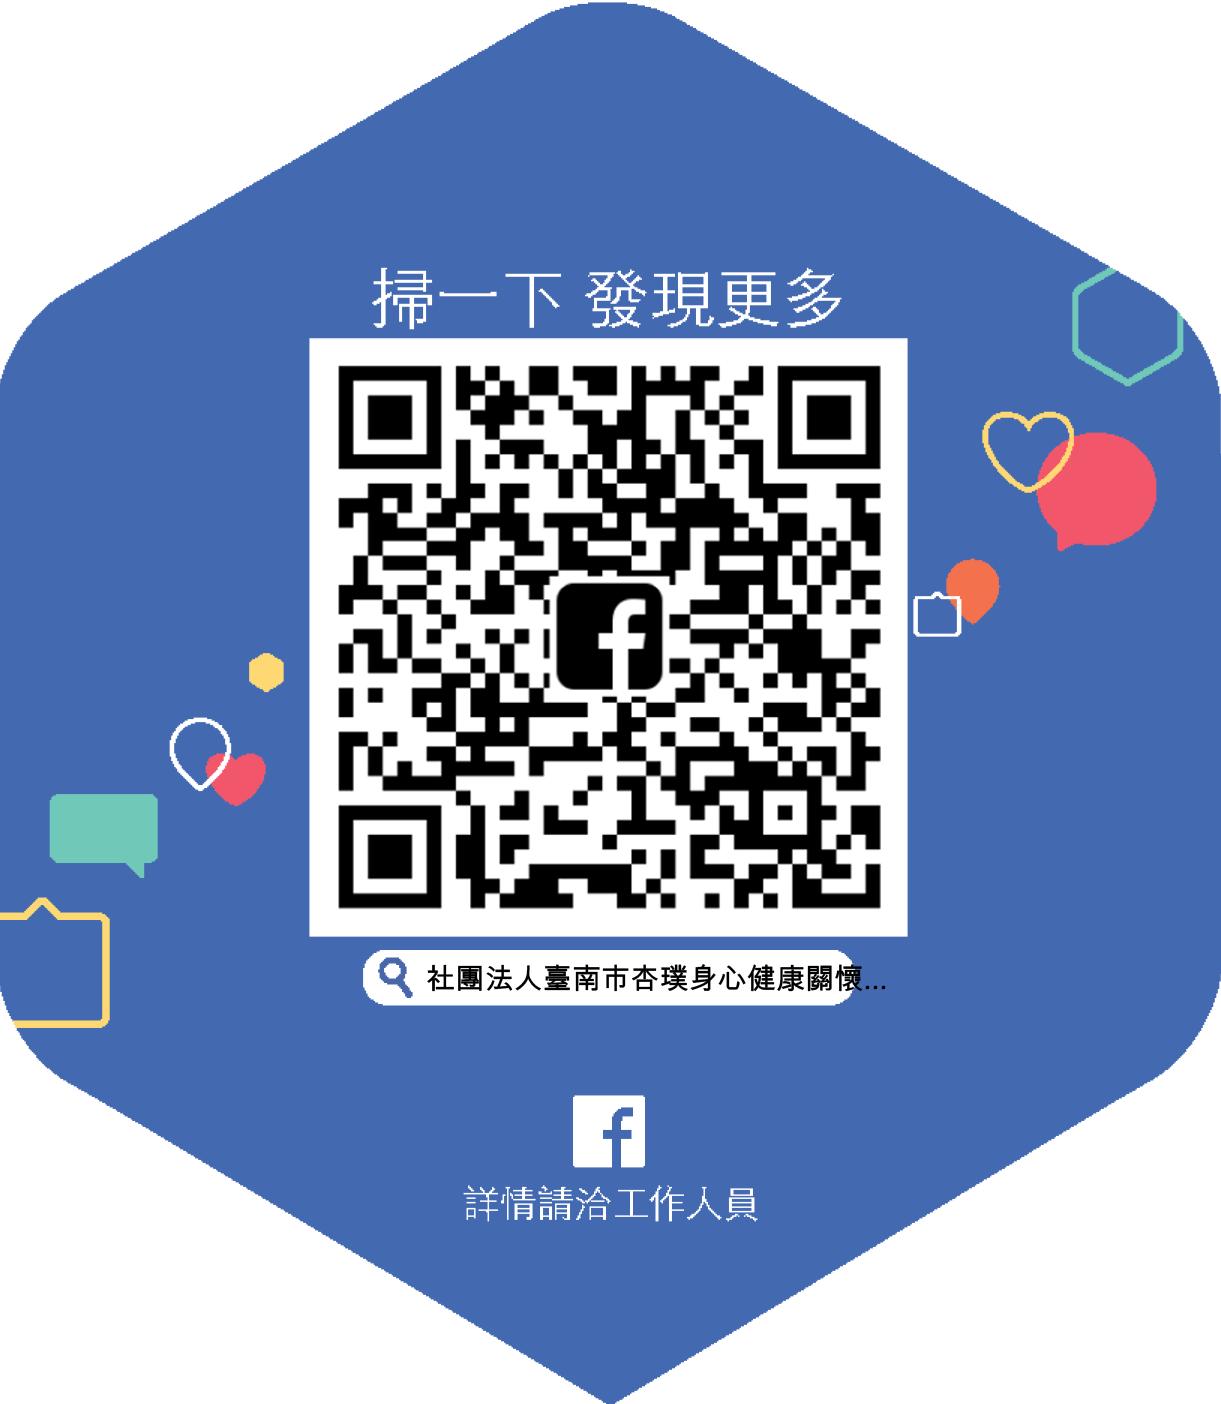 社團法人臺南市杏璞身心健康關懷協會FB粉絲專頁QR-code